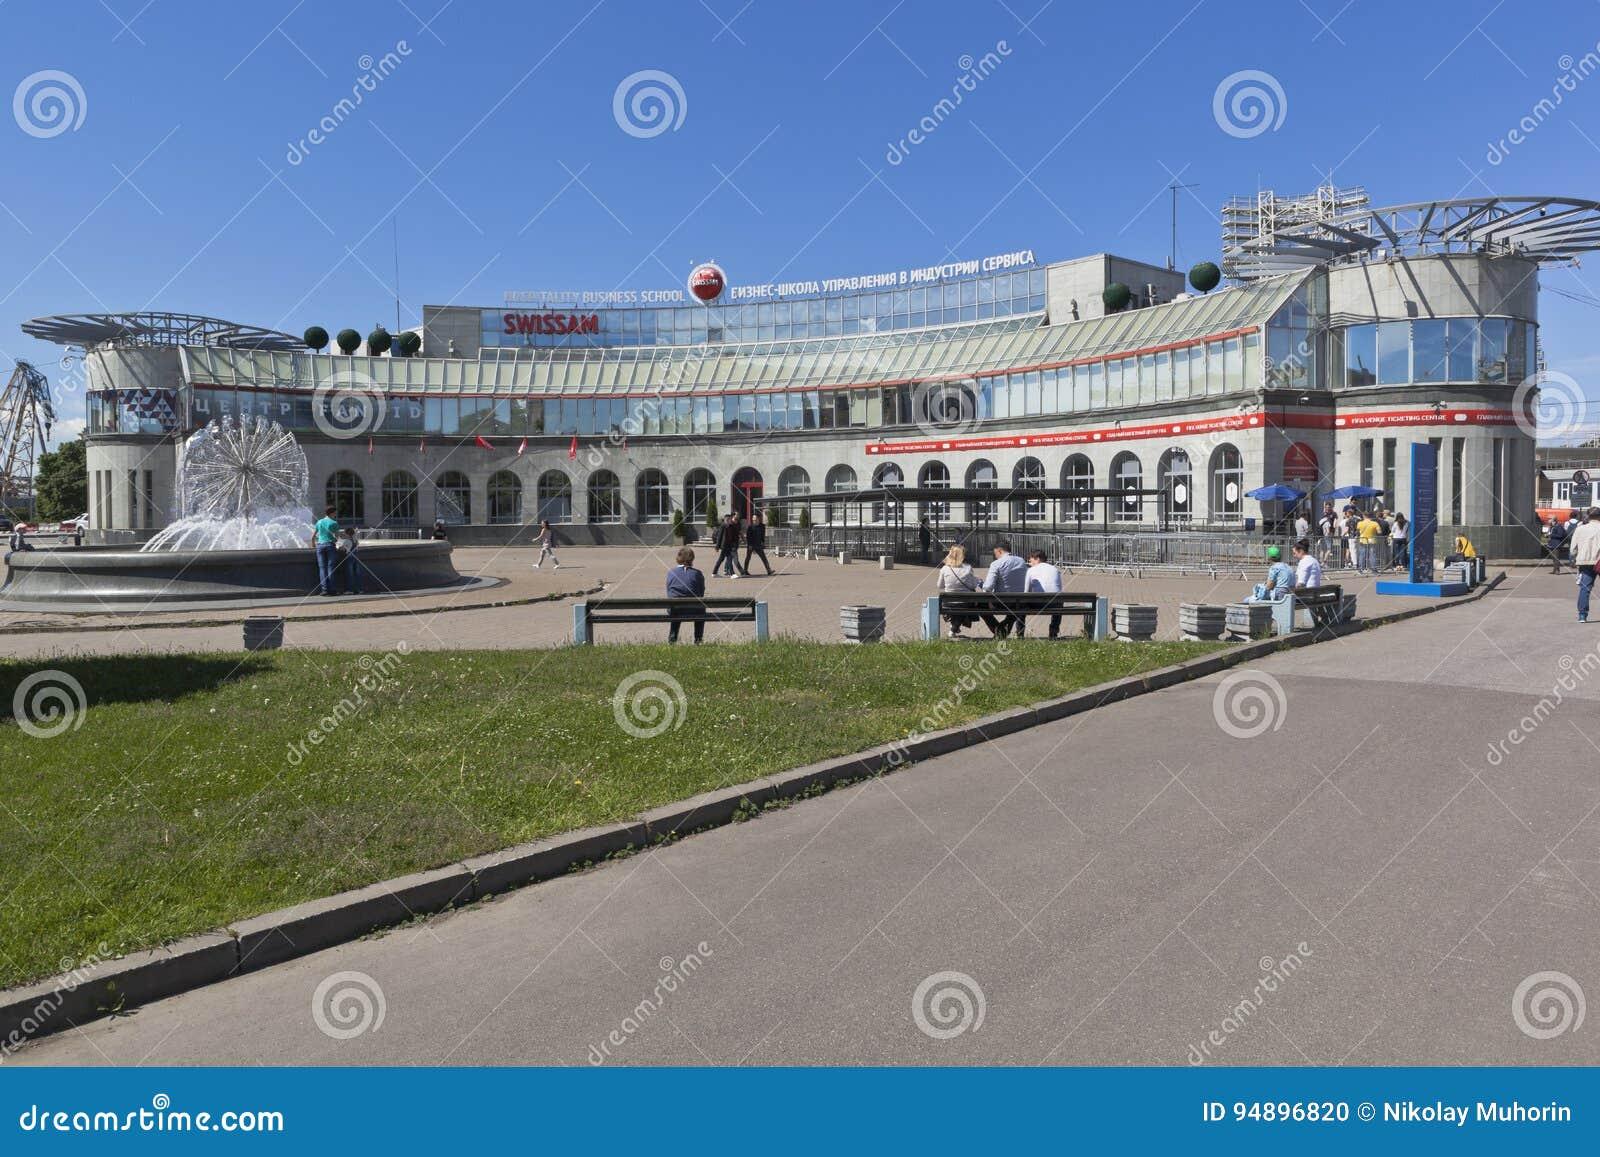 Scuola di commercio di gestione nel servizio e di industria SWISSAM di arti culinarie a St Petersburg